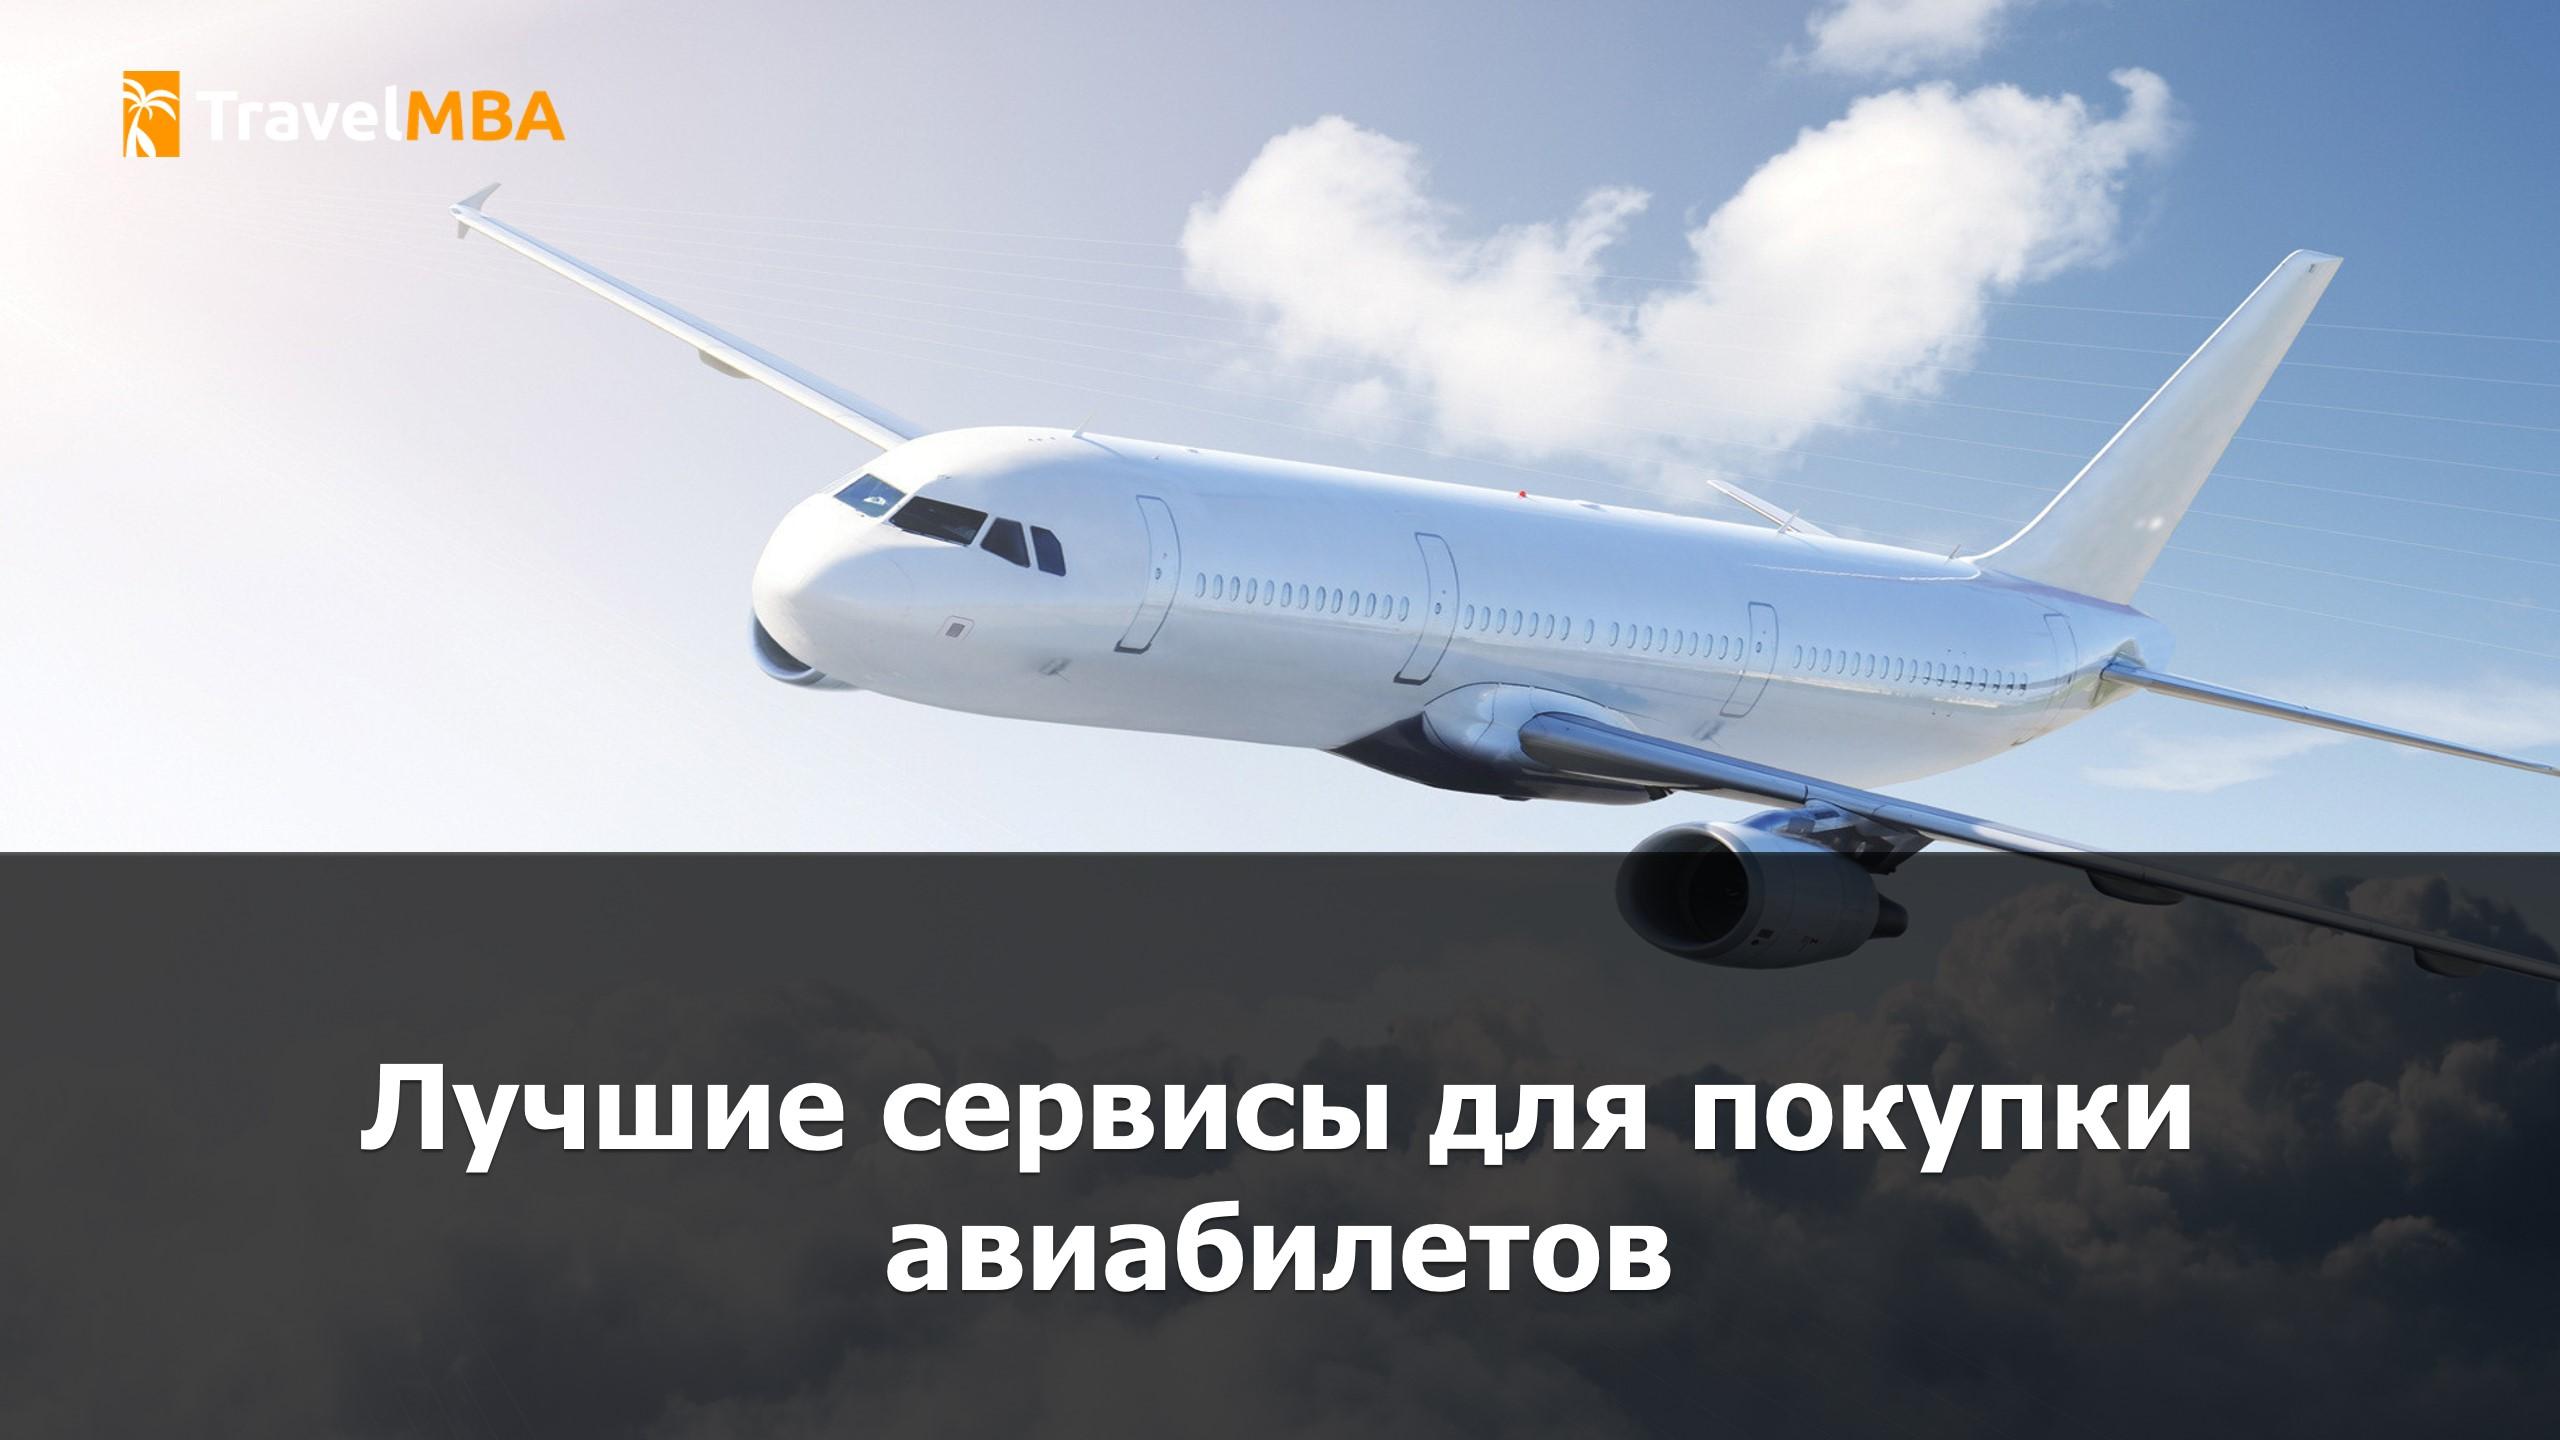 Лучшие сервисы для покупки авиабилетов